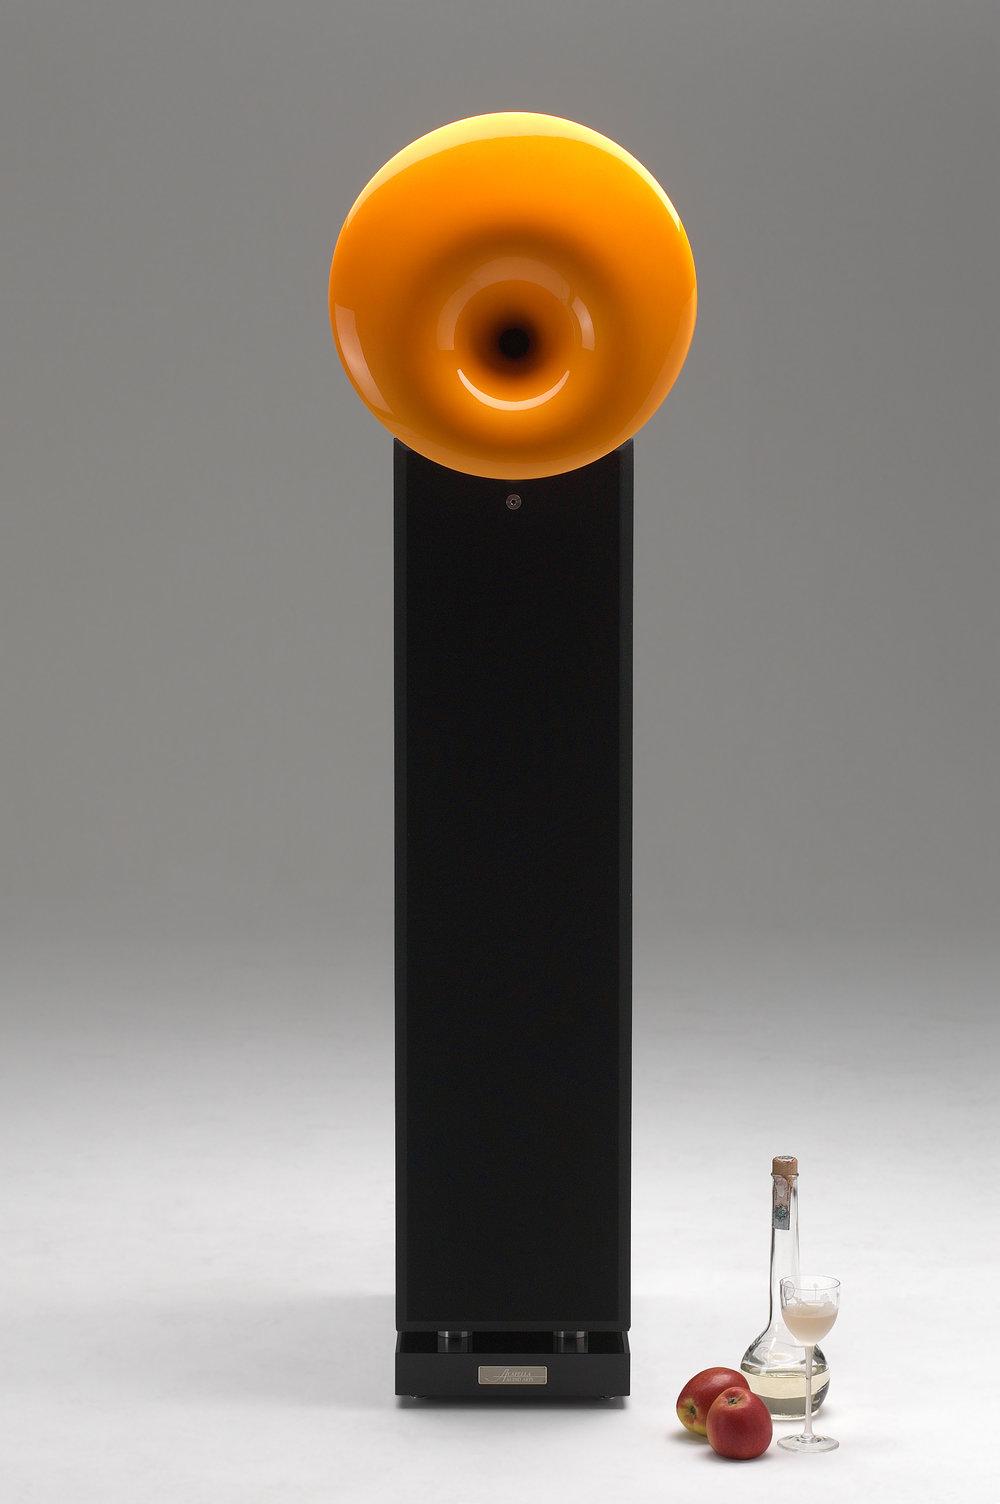 La Campanella MkIII - Diffusore a tecnologia dinamica con 4 woofer da 16,5 cm e un Tweeter caricato con tromba Hyperspherical®con 180 gradi di dispersione. Bass Reflex ad emissione controllata, posto tra il corpo della cassa ed il basamento.20 Hz - 30 kHz93 dB8 Ω15 W minimo100 W potenza nominale1000 W carico massimo 10 msdimensioni cm H x L x P :corpo cassa 130 x 26 x 53 cmcon tromba 140 x 39 x 61 cm85 Kg circa